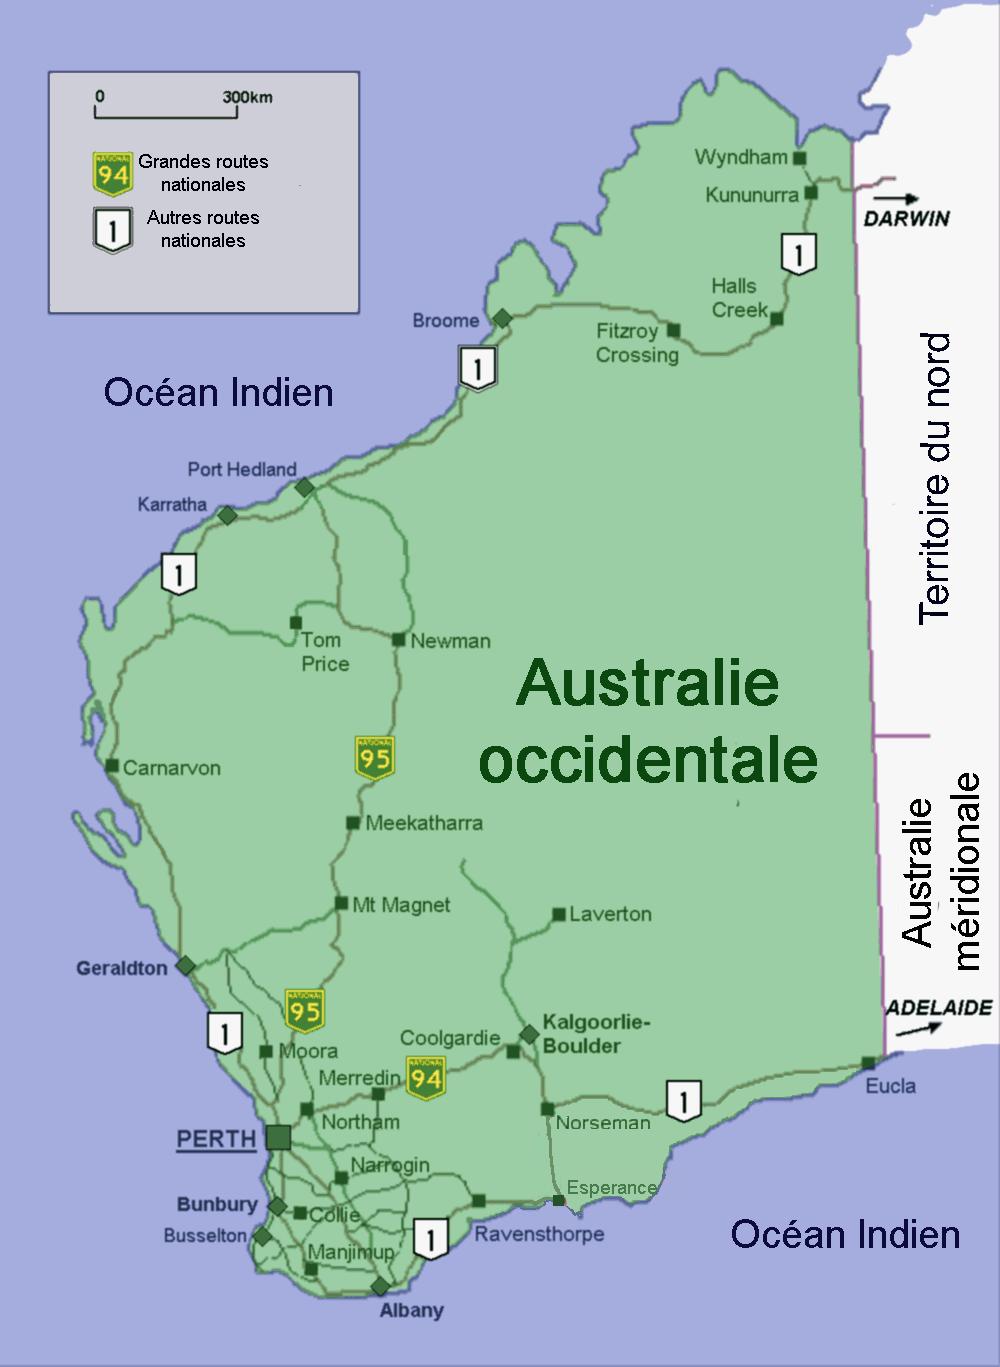 La côte ouest de l'Australie ; il est possible que Paulmier, en 1504, y ait séjourné un semestre entier, entre Broome et Albany.